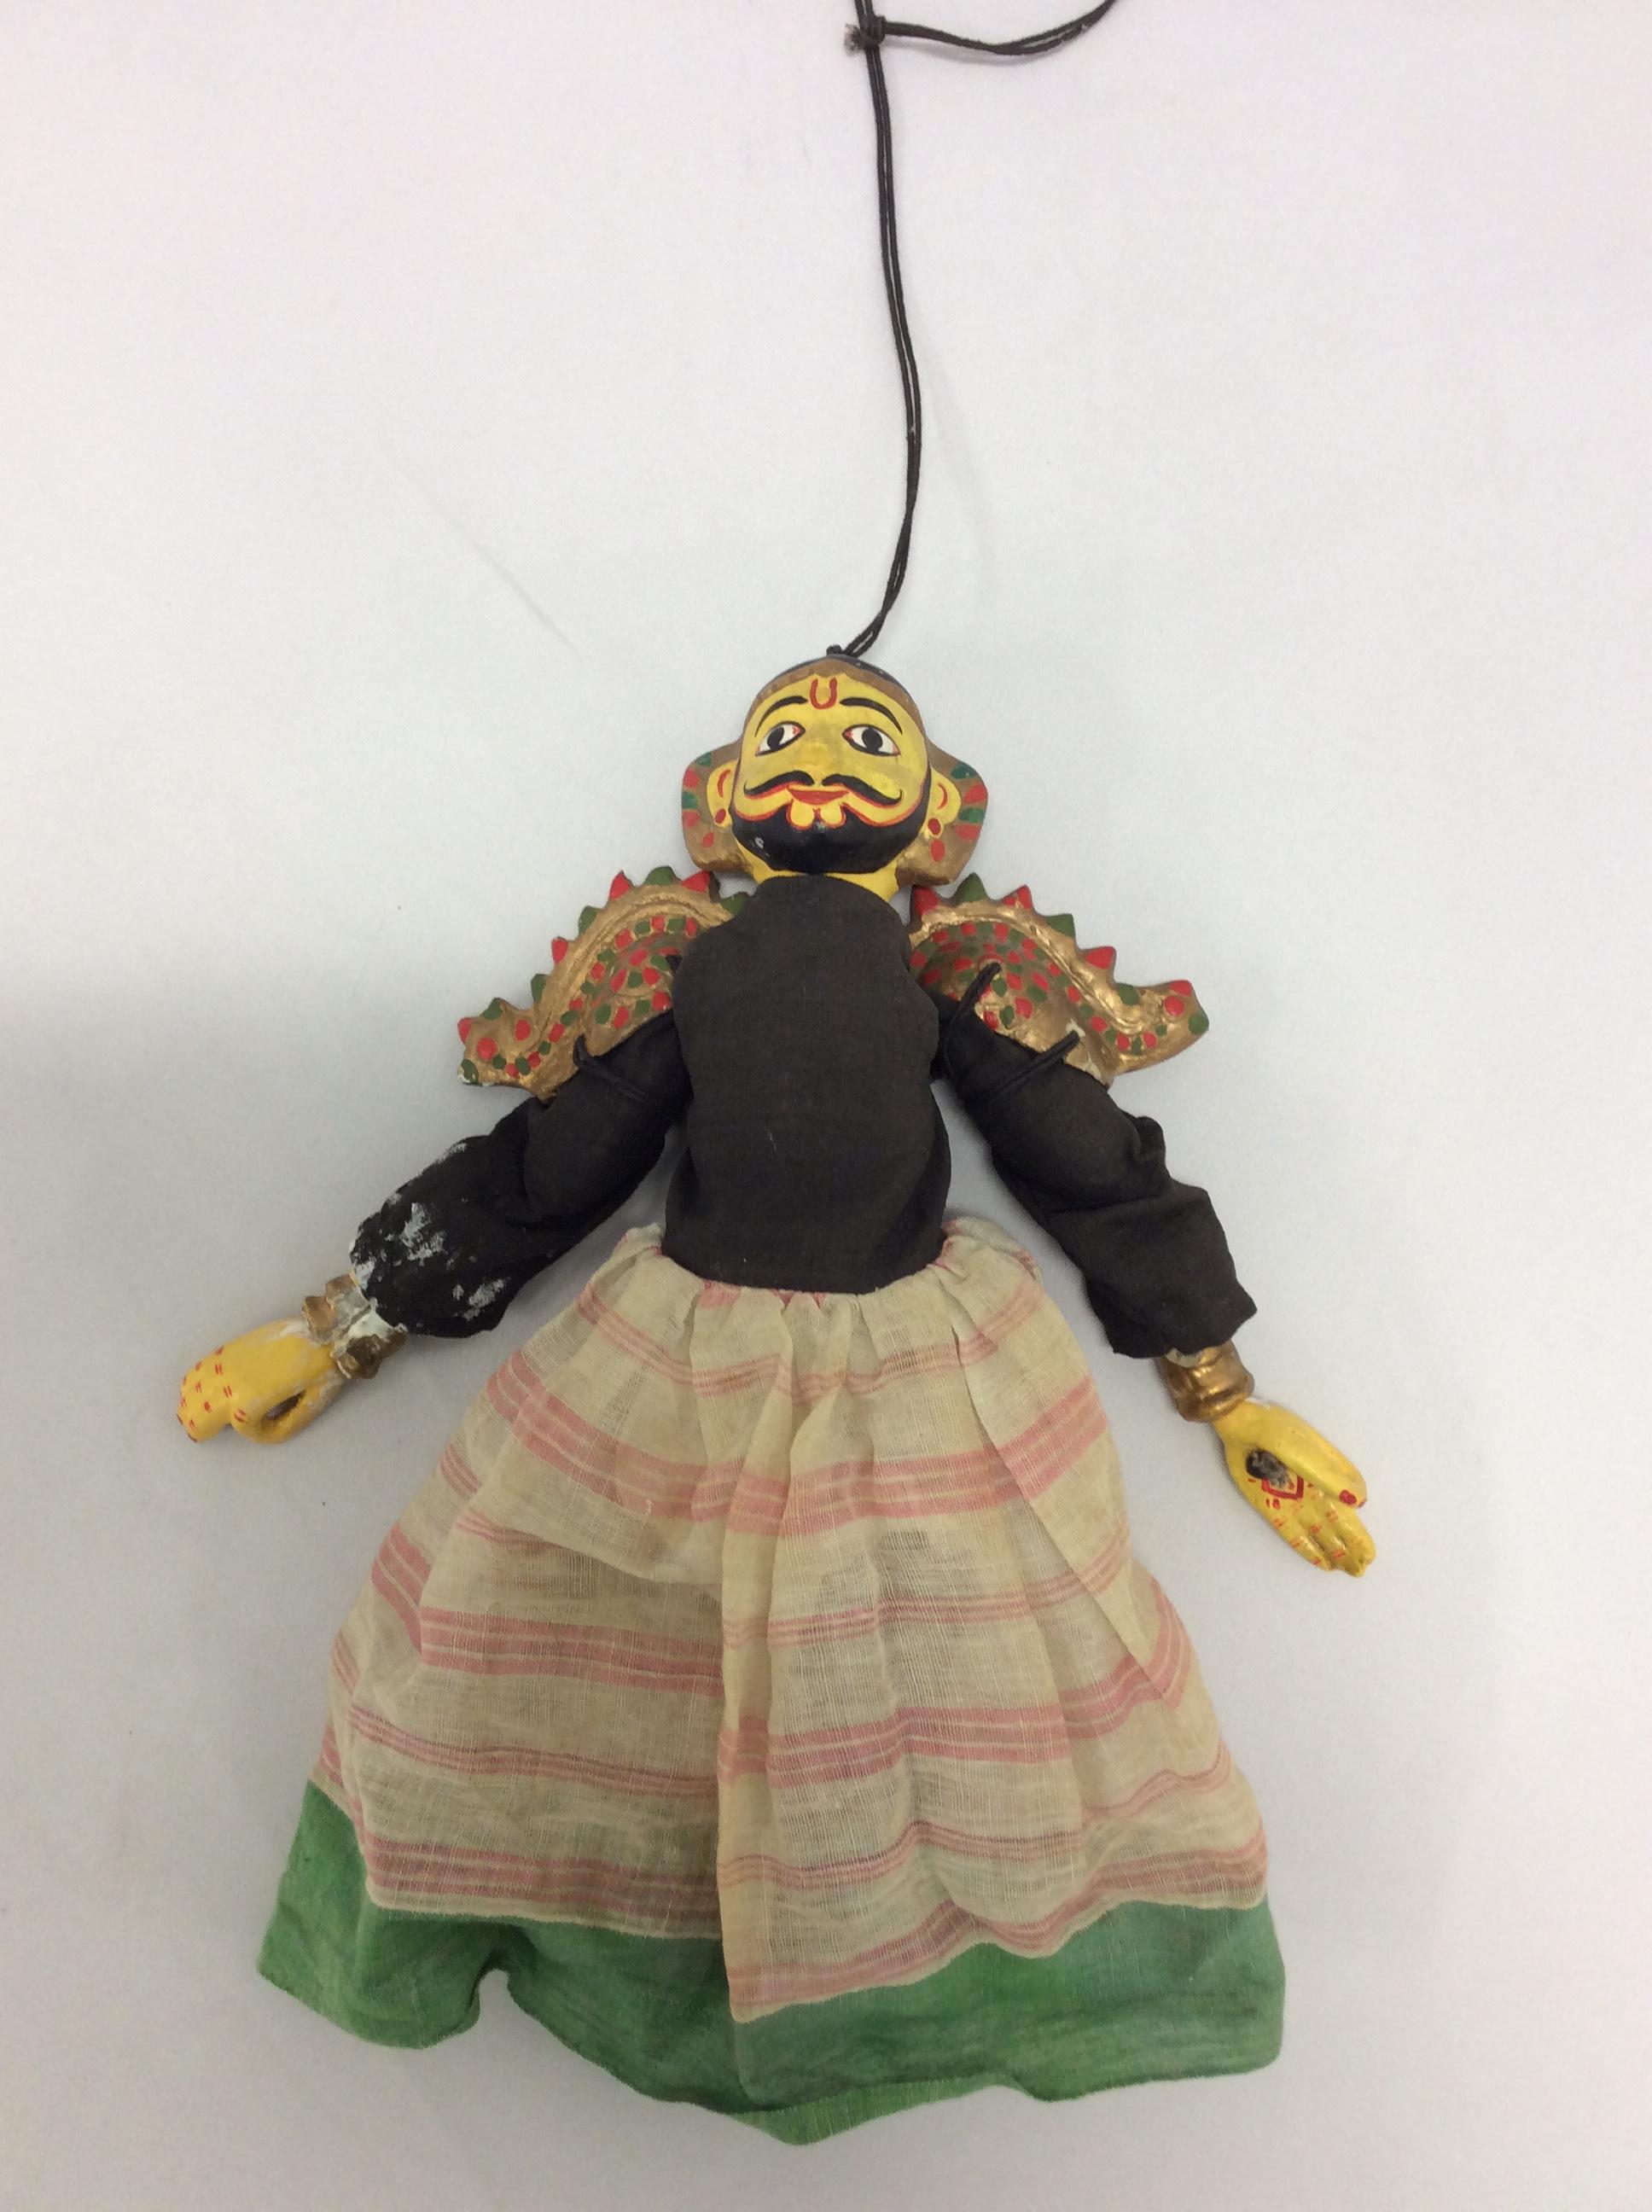 Un personnage masculin. Une petite marionnette à fils, sutrada gombeyata, avec la tête et les bras en plâtre, hauteur : 30 cm (Karnataka, Inde). Collection : Center for Puppetry Arts (Atlanta, Géorgie, États-Unis)